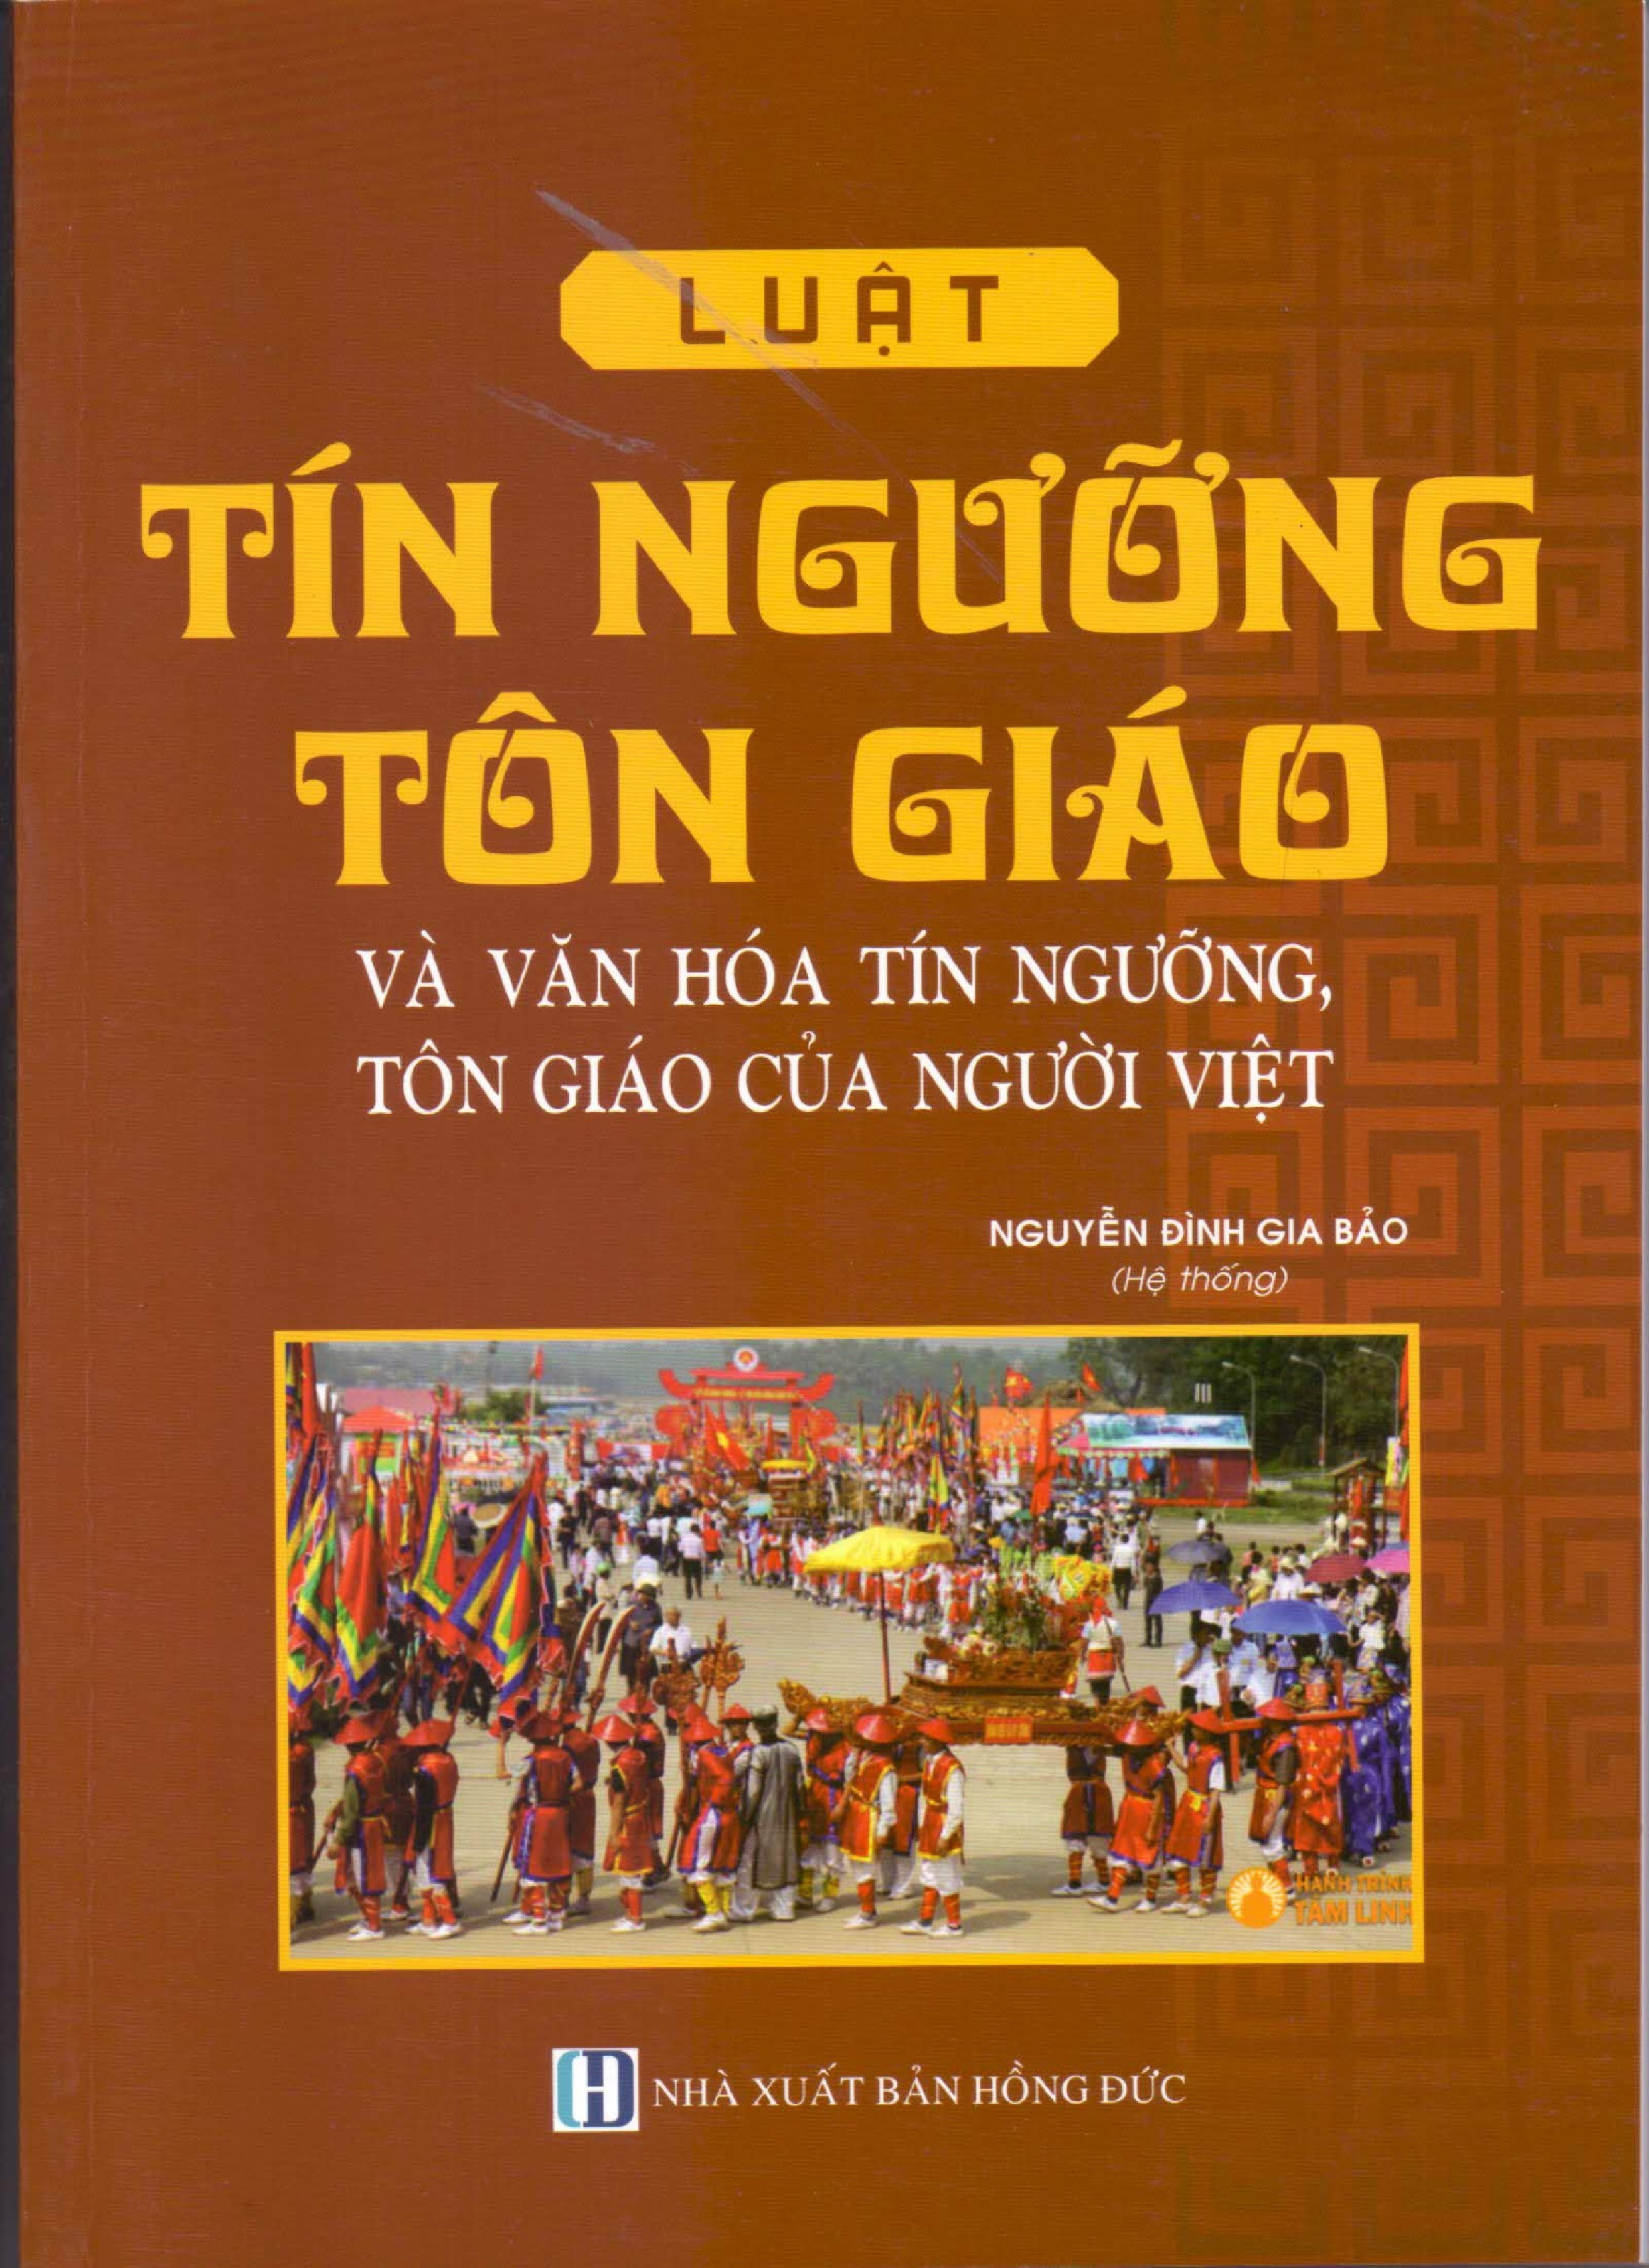 Luật Tín Ngưỡng Tôn Giáo Và Văn Hóa Tín Ngưỡng, Tôn Giáo Của Người Việt